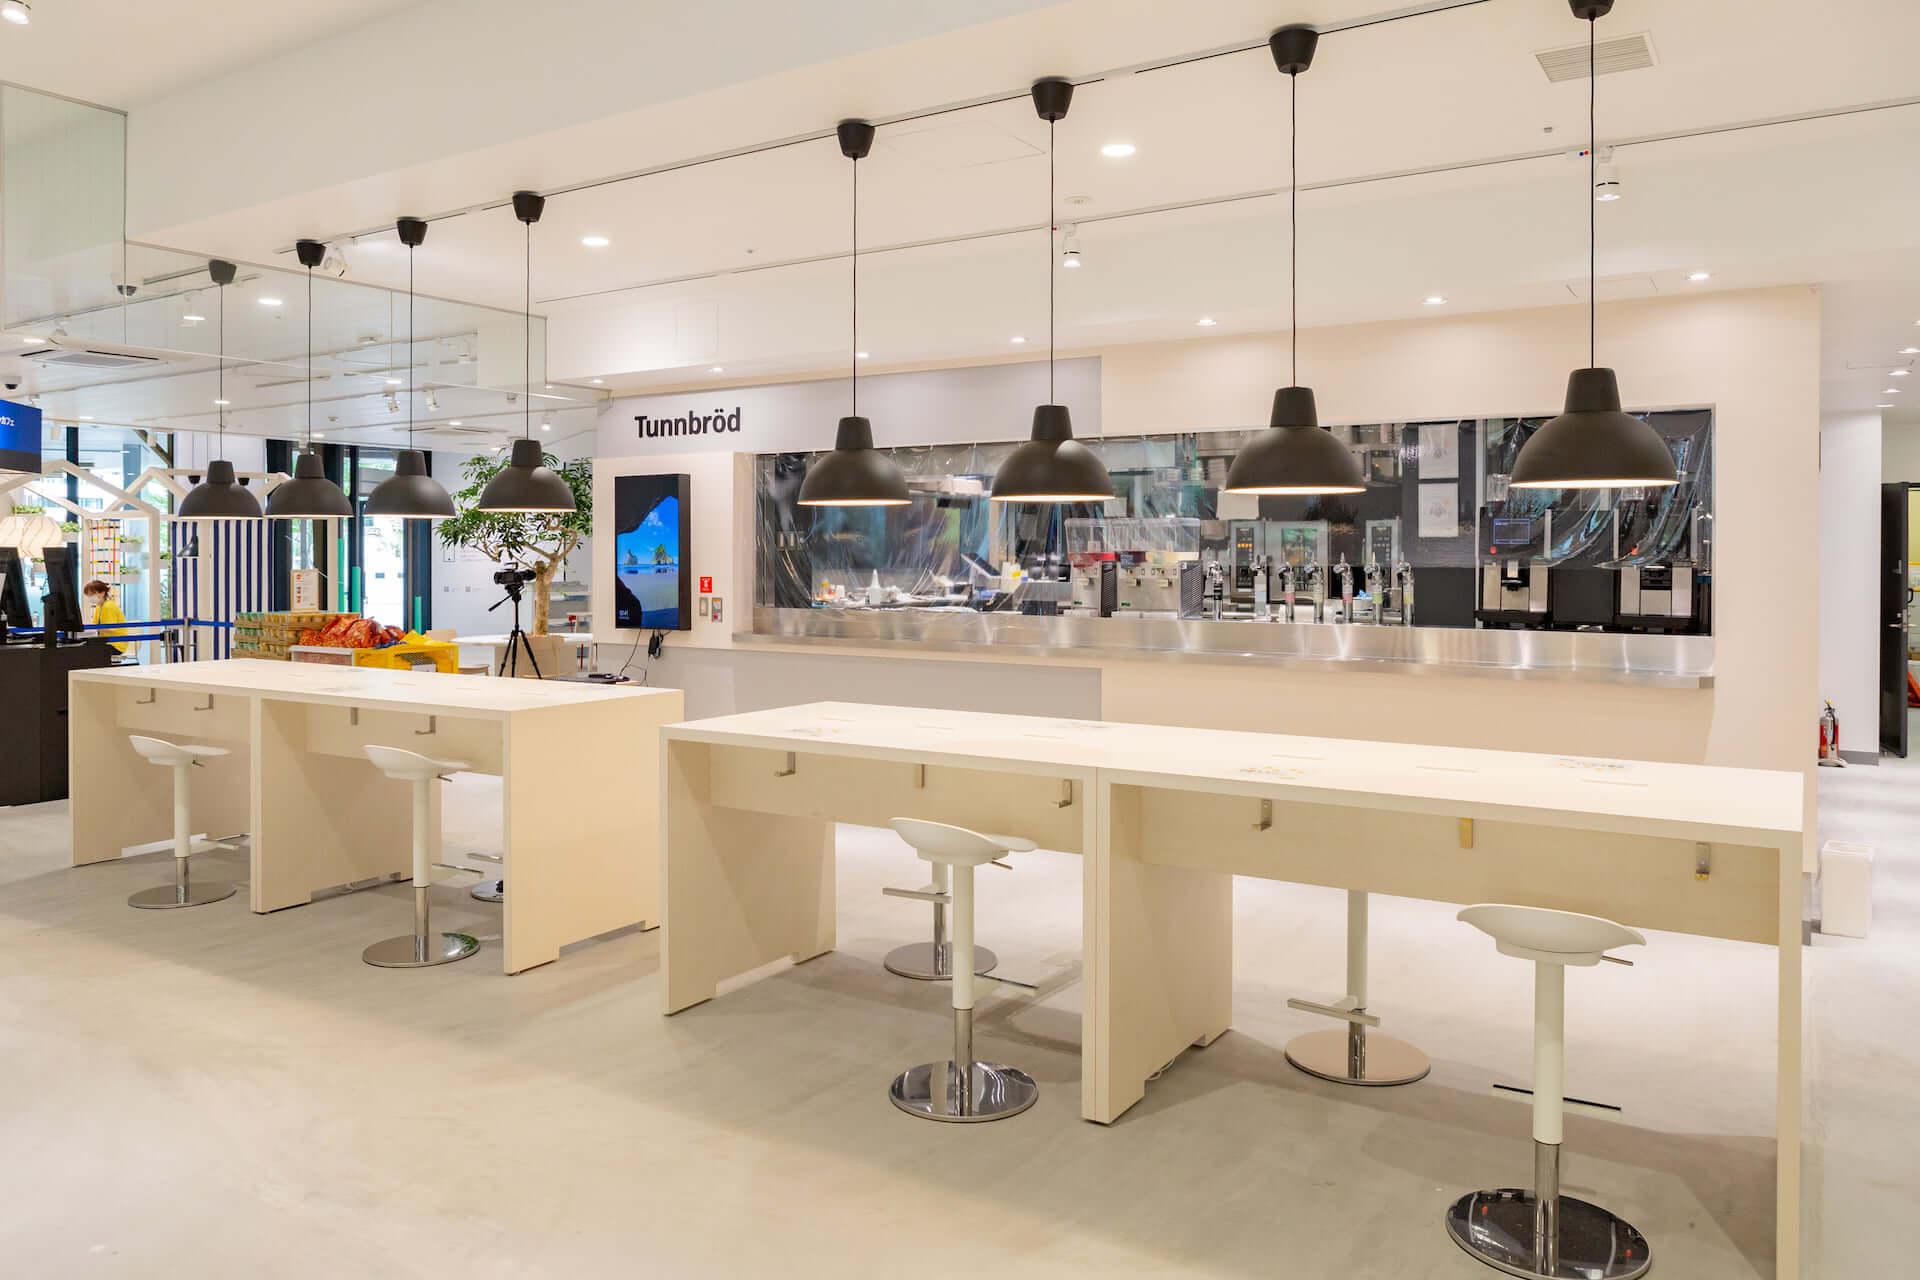 IKEAがついに原宿に登場!WITH HARAJUKUに6月8日オープン決定&内装も一部公開 lf200604_ikea_harajuku_1-1920x1280